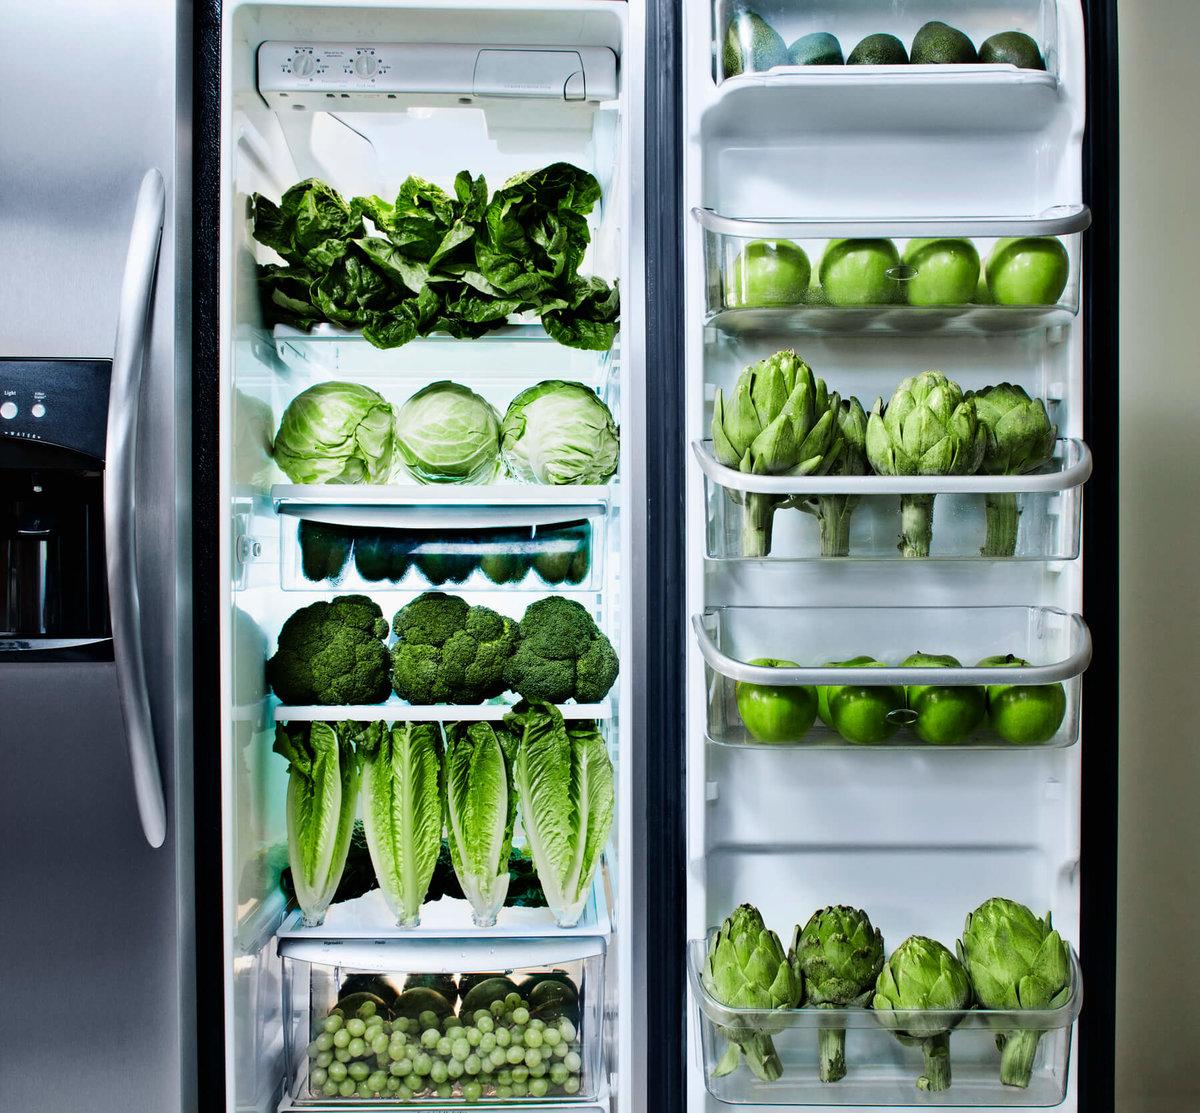 Как хранить овощи в квартире: правильно выбираем место + создаем условия для хранения